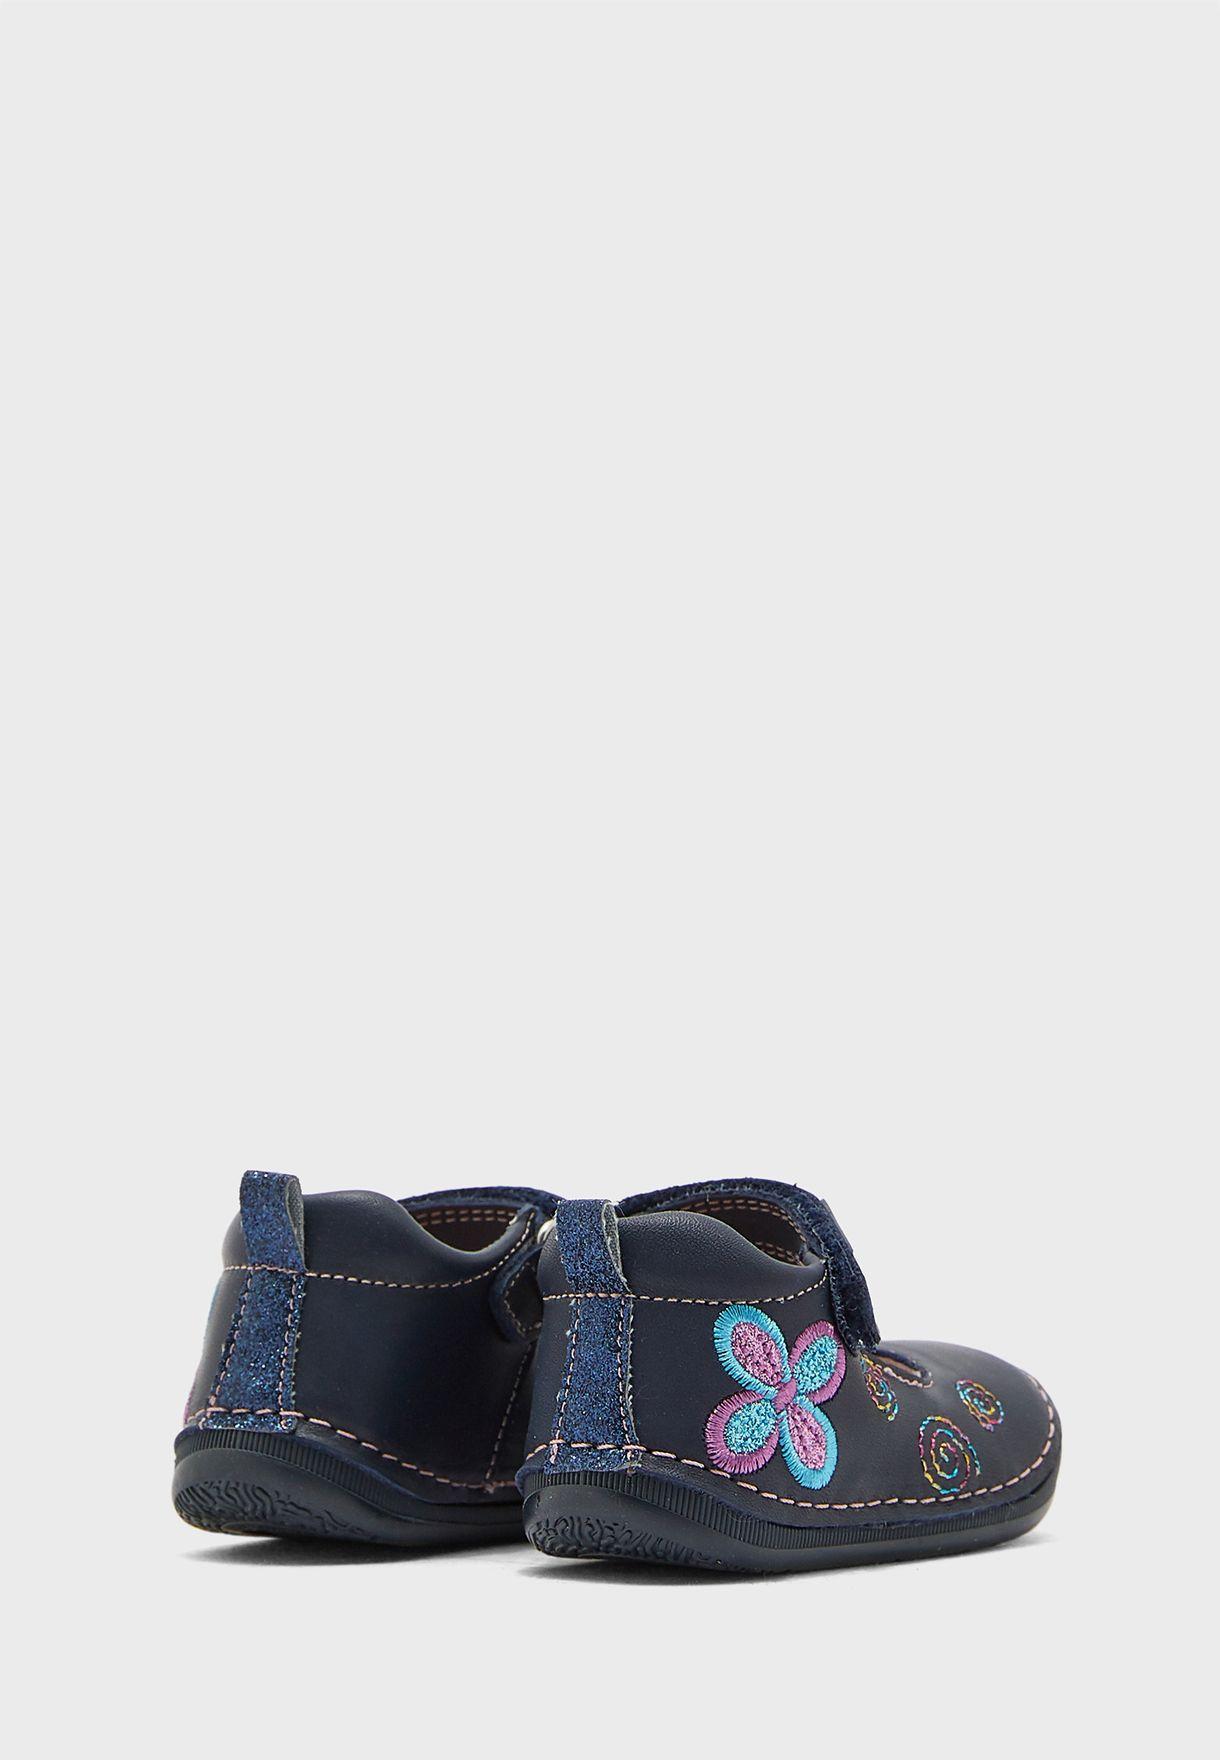 Infant Floral Slip on